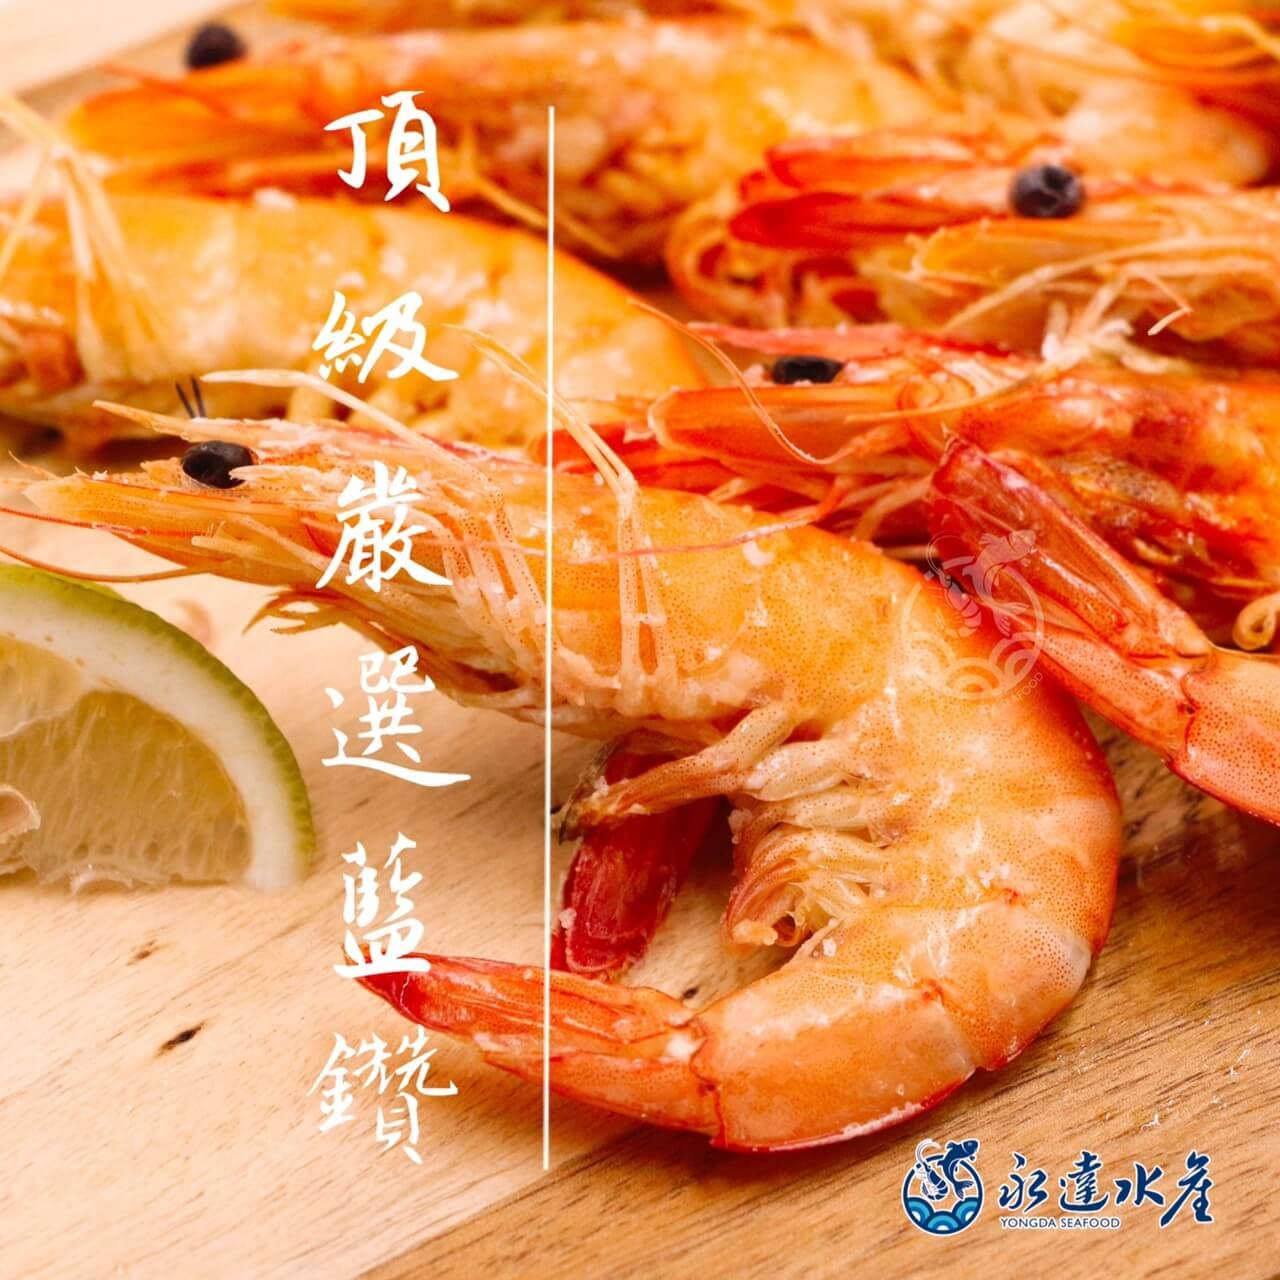 水產|海鮮|阿拉伯藍鑽蝦|藍鑽蝦|白蝦|白對蝦|白腳蝦|蝦肉|蝦